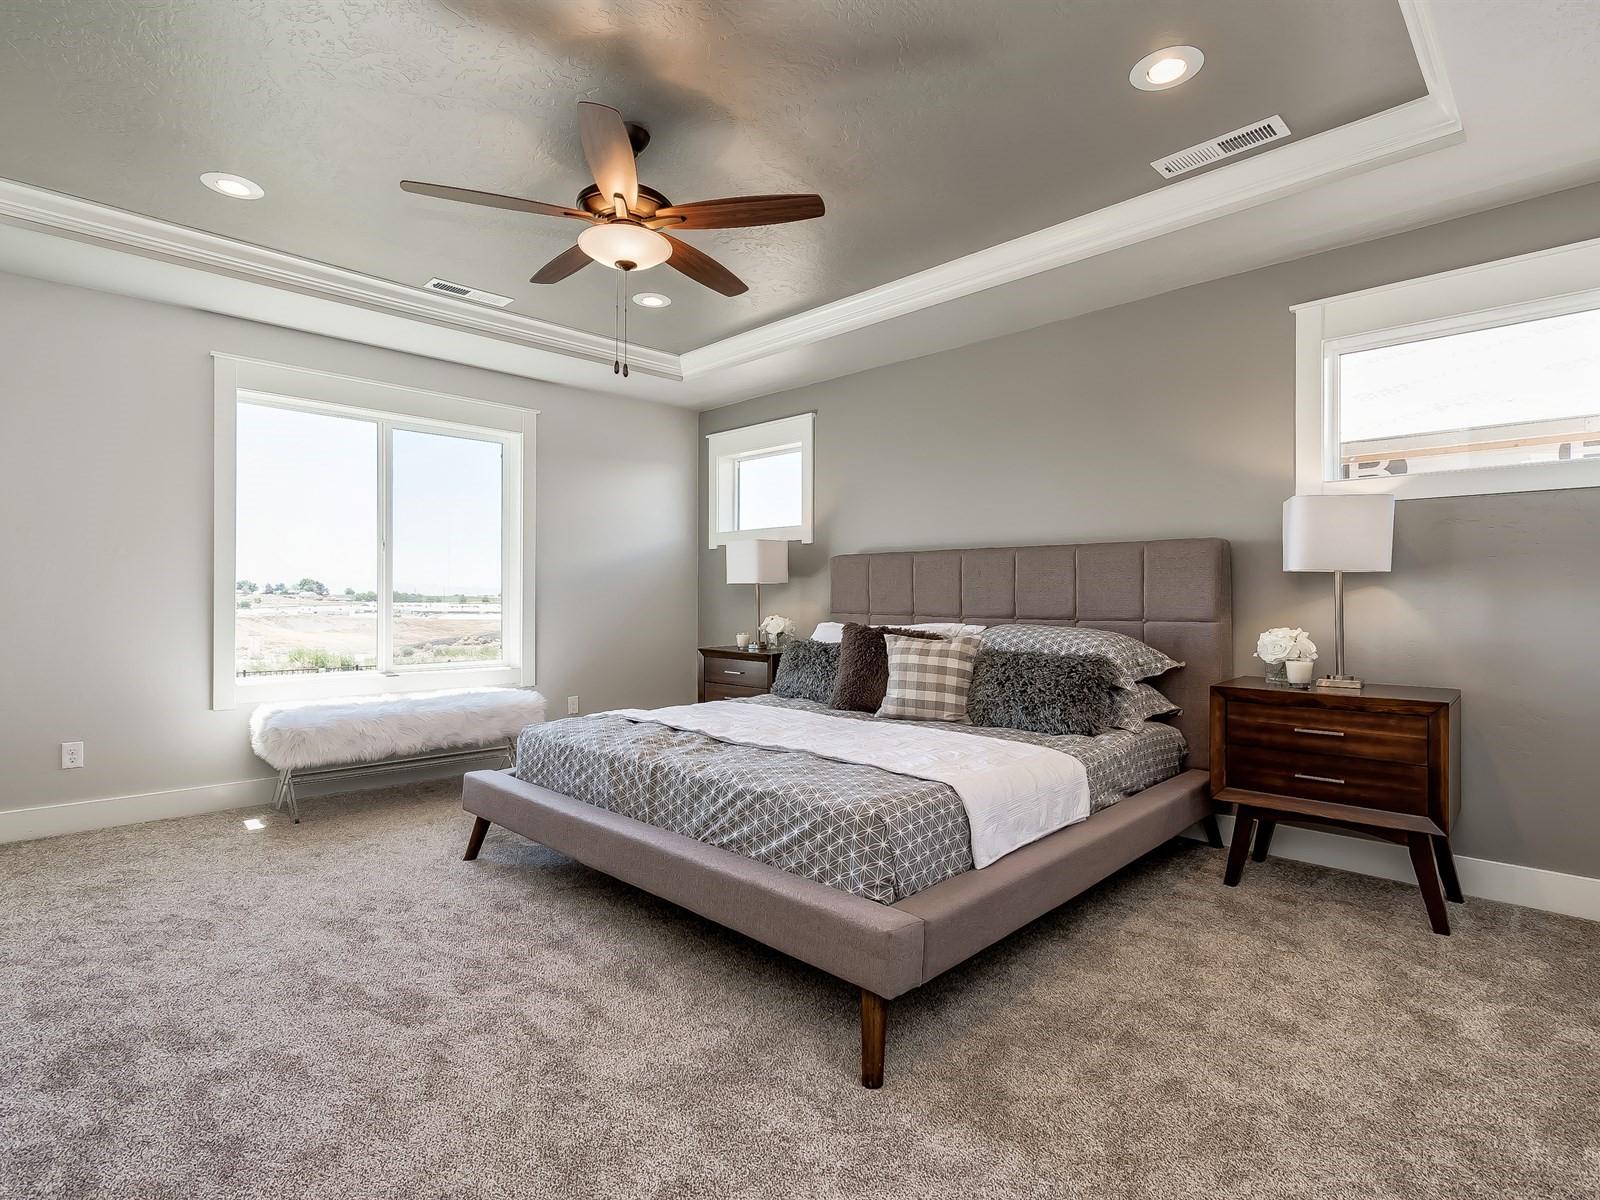 036_Master Bedroom .jpg